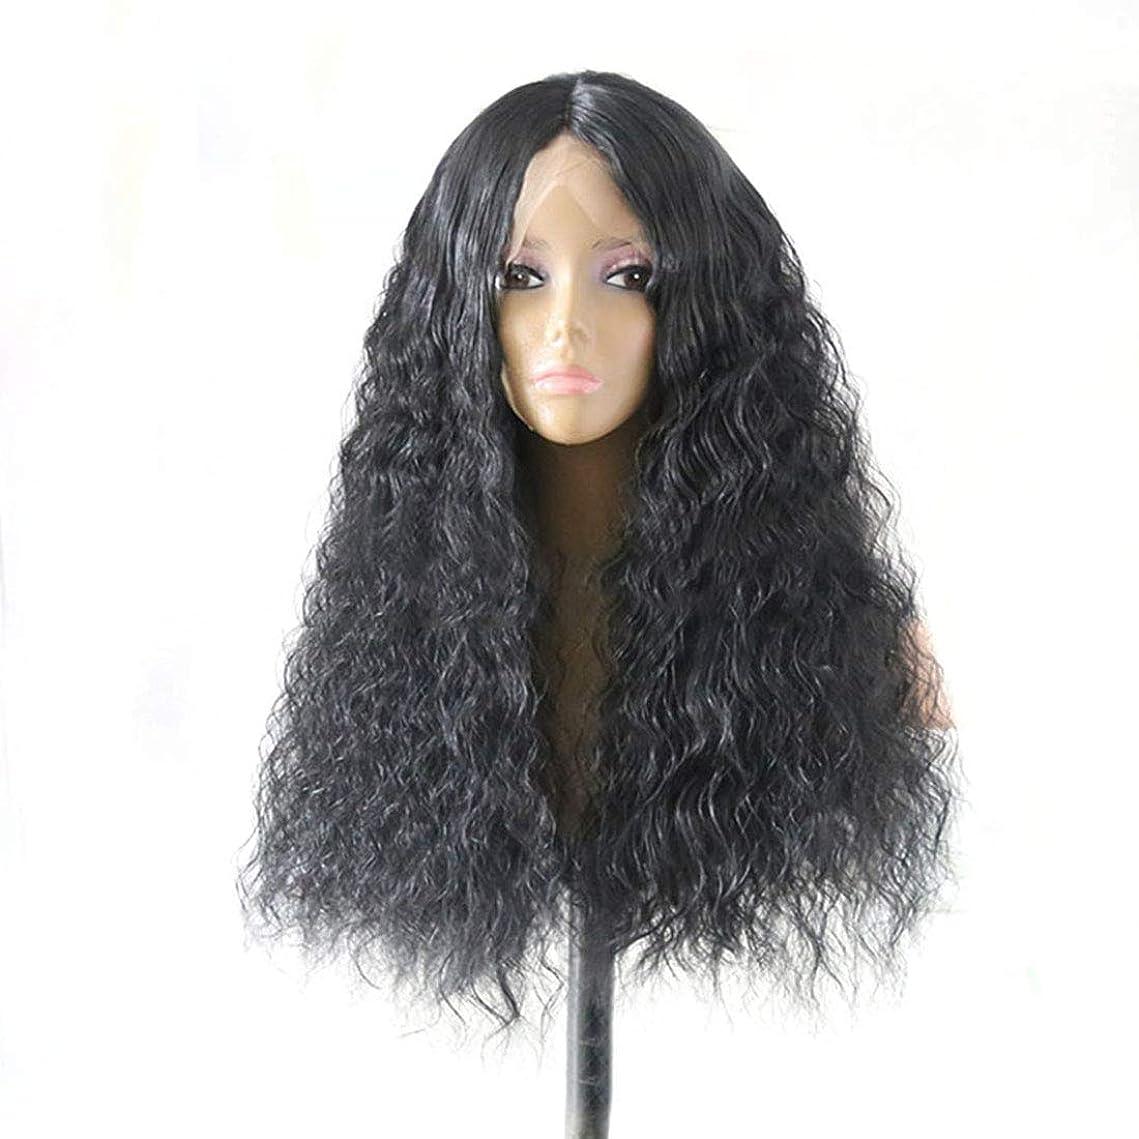 ヒステリック理論的十一Yrattary レースの前にトウモロコシの熱いマイクロボリュームロングヘアの美しさ毛ウィッグヘッドギア合成髪レースかつらロールプレイングかつら (色 : Photo Color, サイズ : 16 inches)